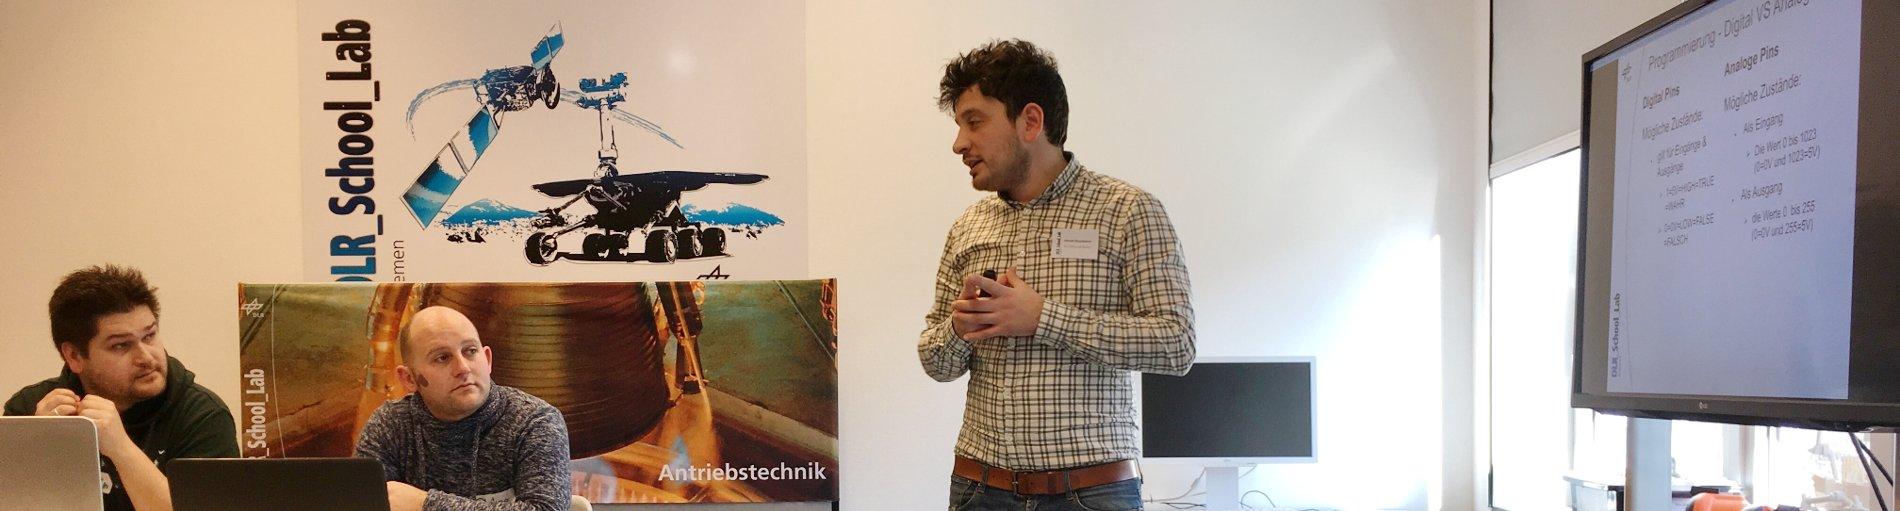 Links zwei Männer am Laptop, beide gucken den vor einem Bildschirm stehenden und redenden Mann an.